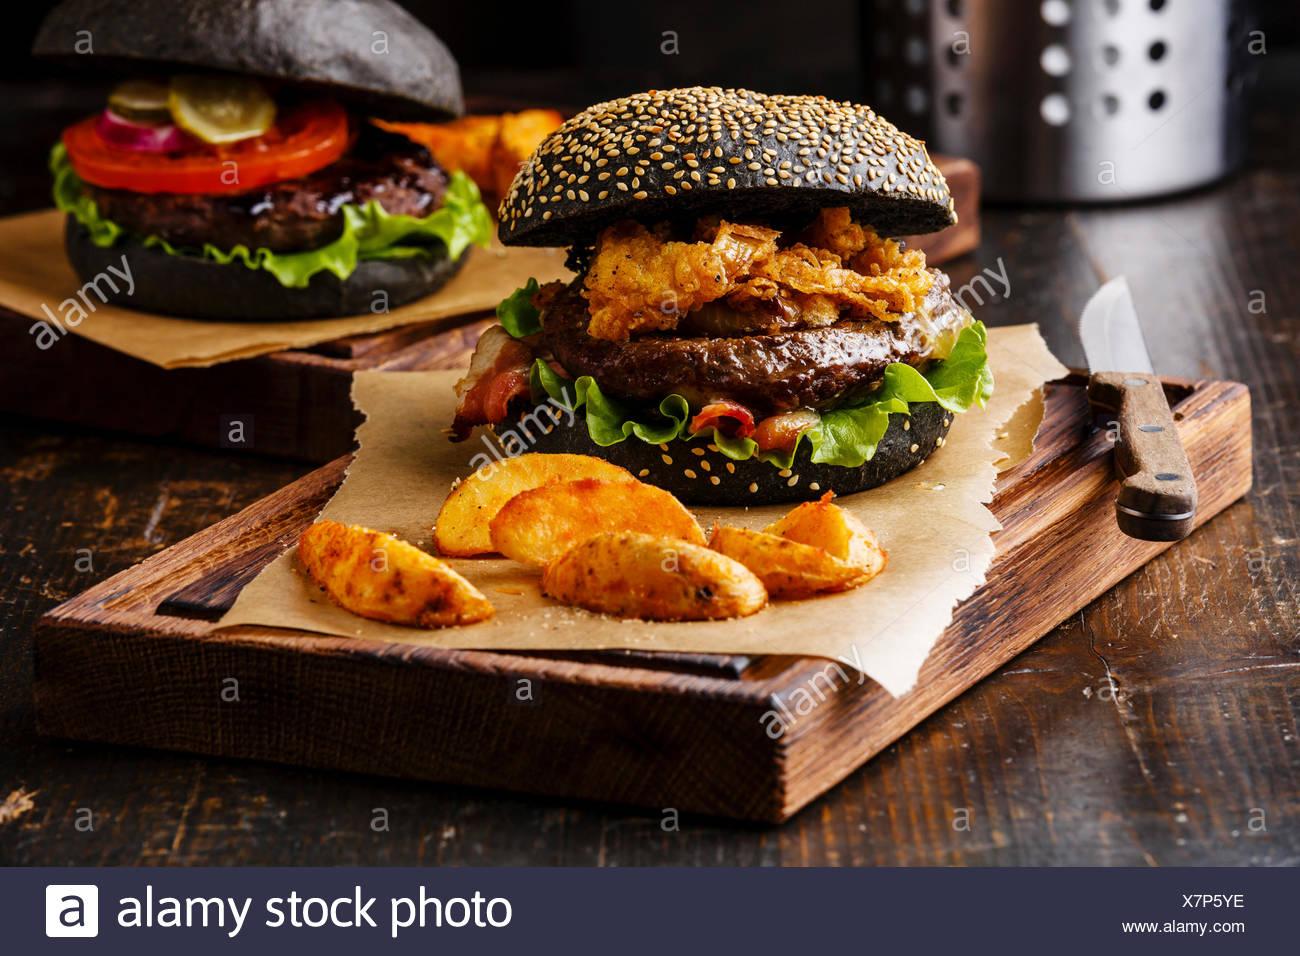 Schwarzen Burger mit Sesam Samen Brötchen Fleisch Speck Zwiebeln Pommes frites, Ringe und Kartoffelspalten auf dunklem Holz Stockbild